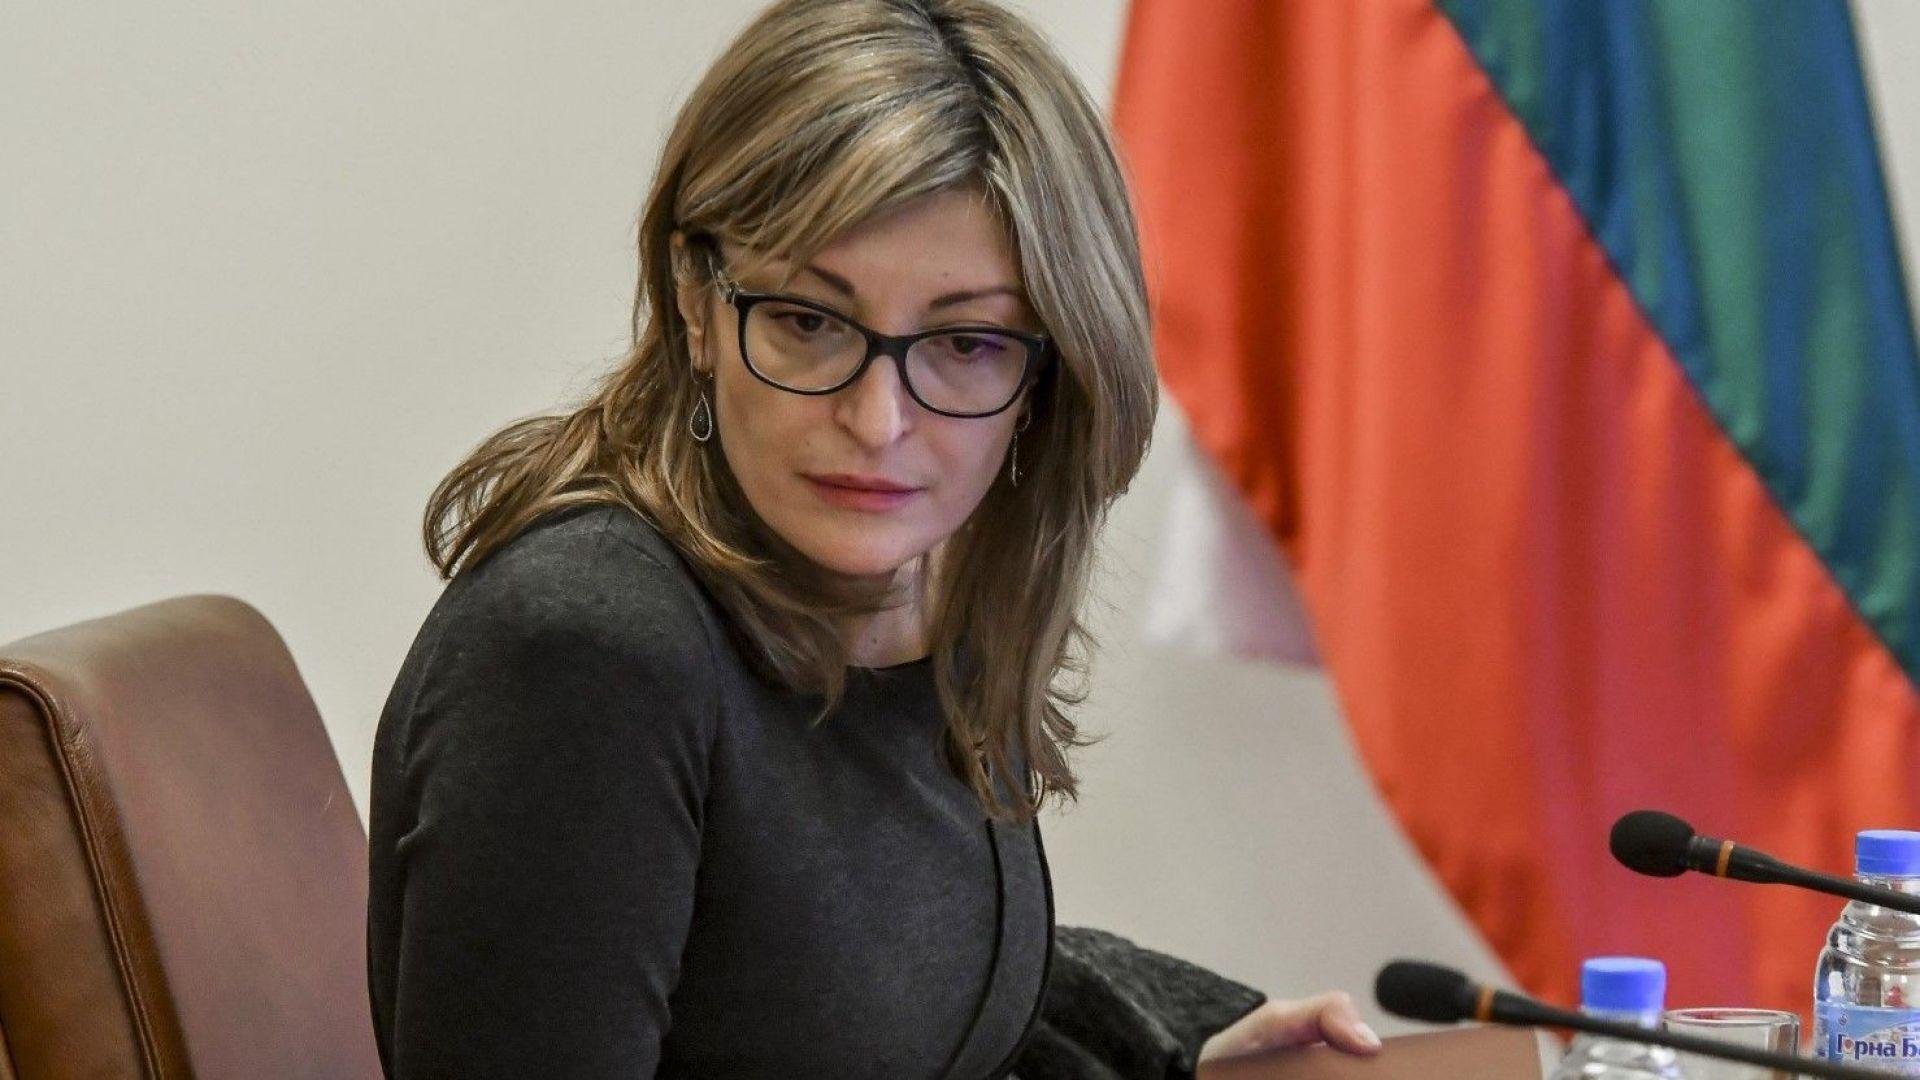 Външните министри на България, Гърция, Румъния и Хърватия искат Албания и Северна Македония да преговарят за ЕС